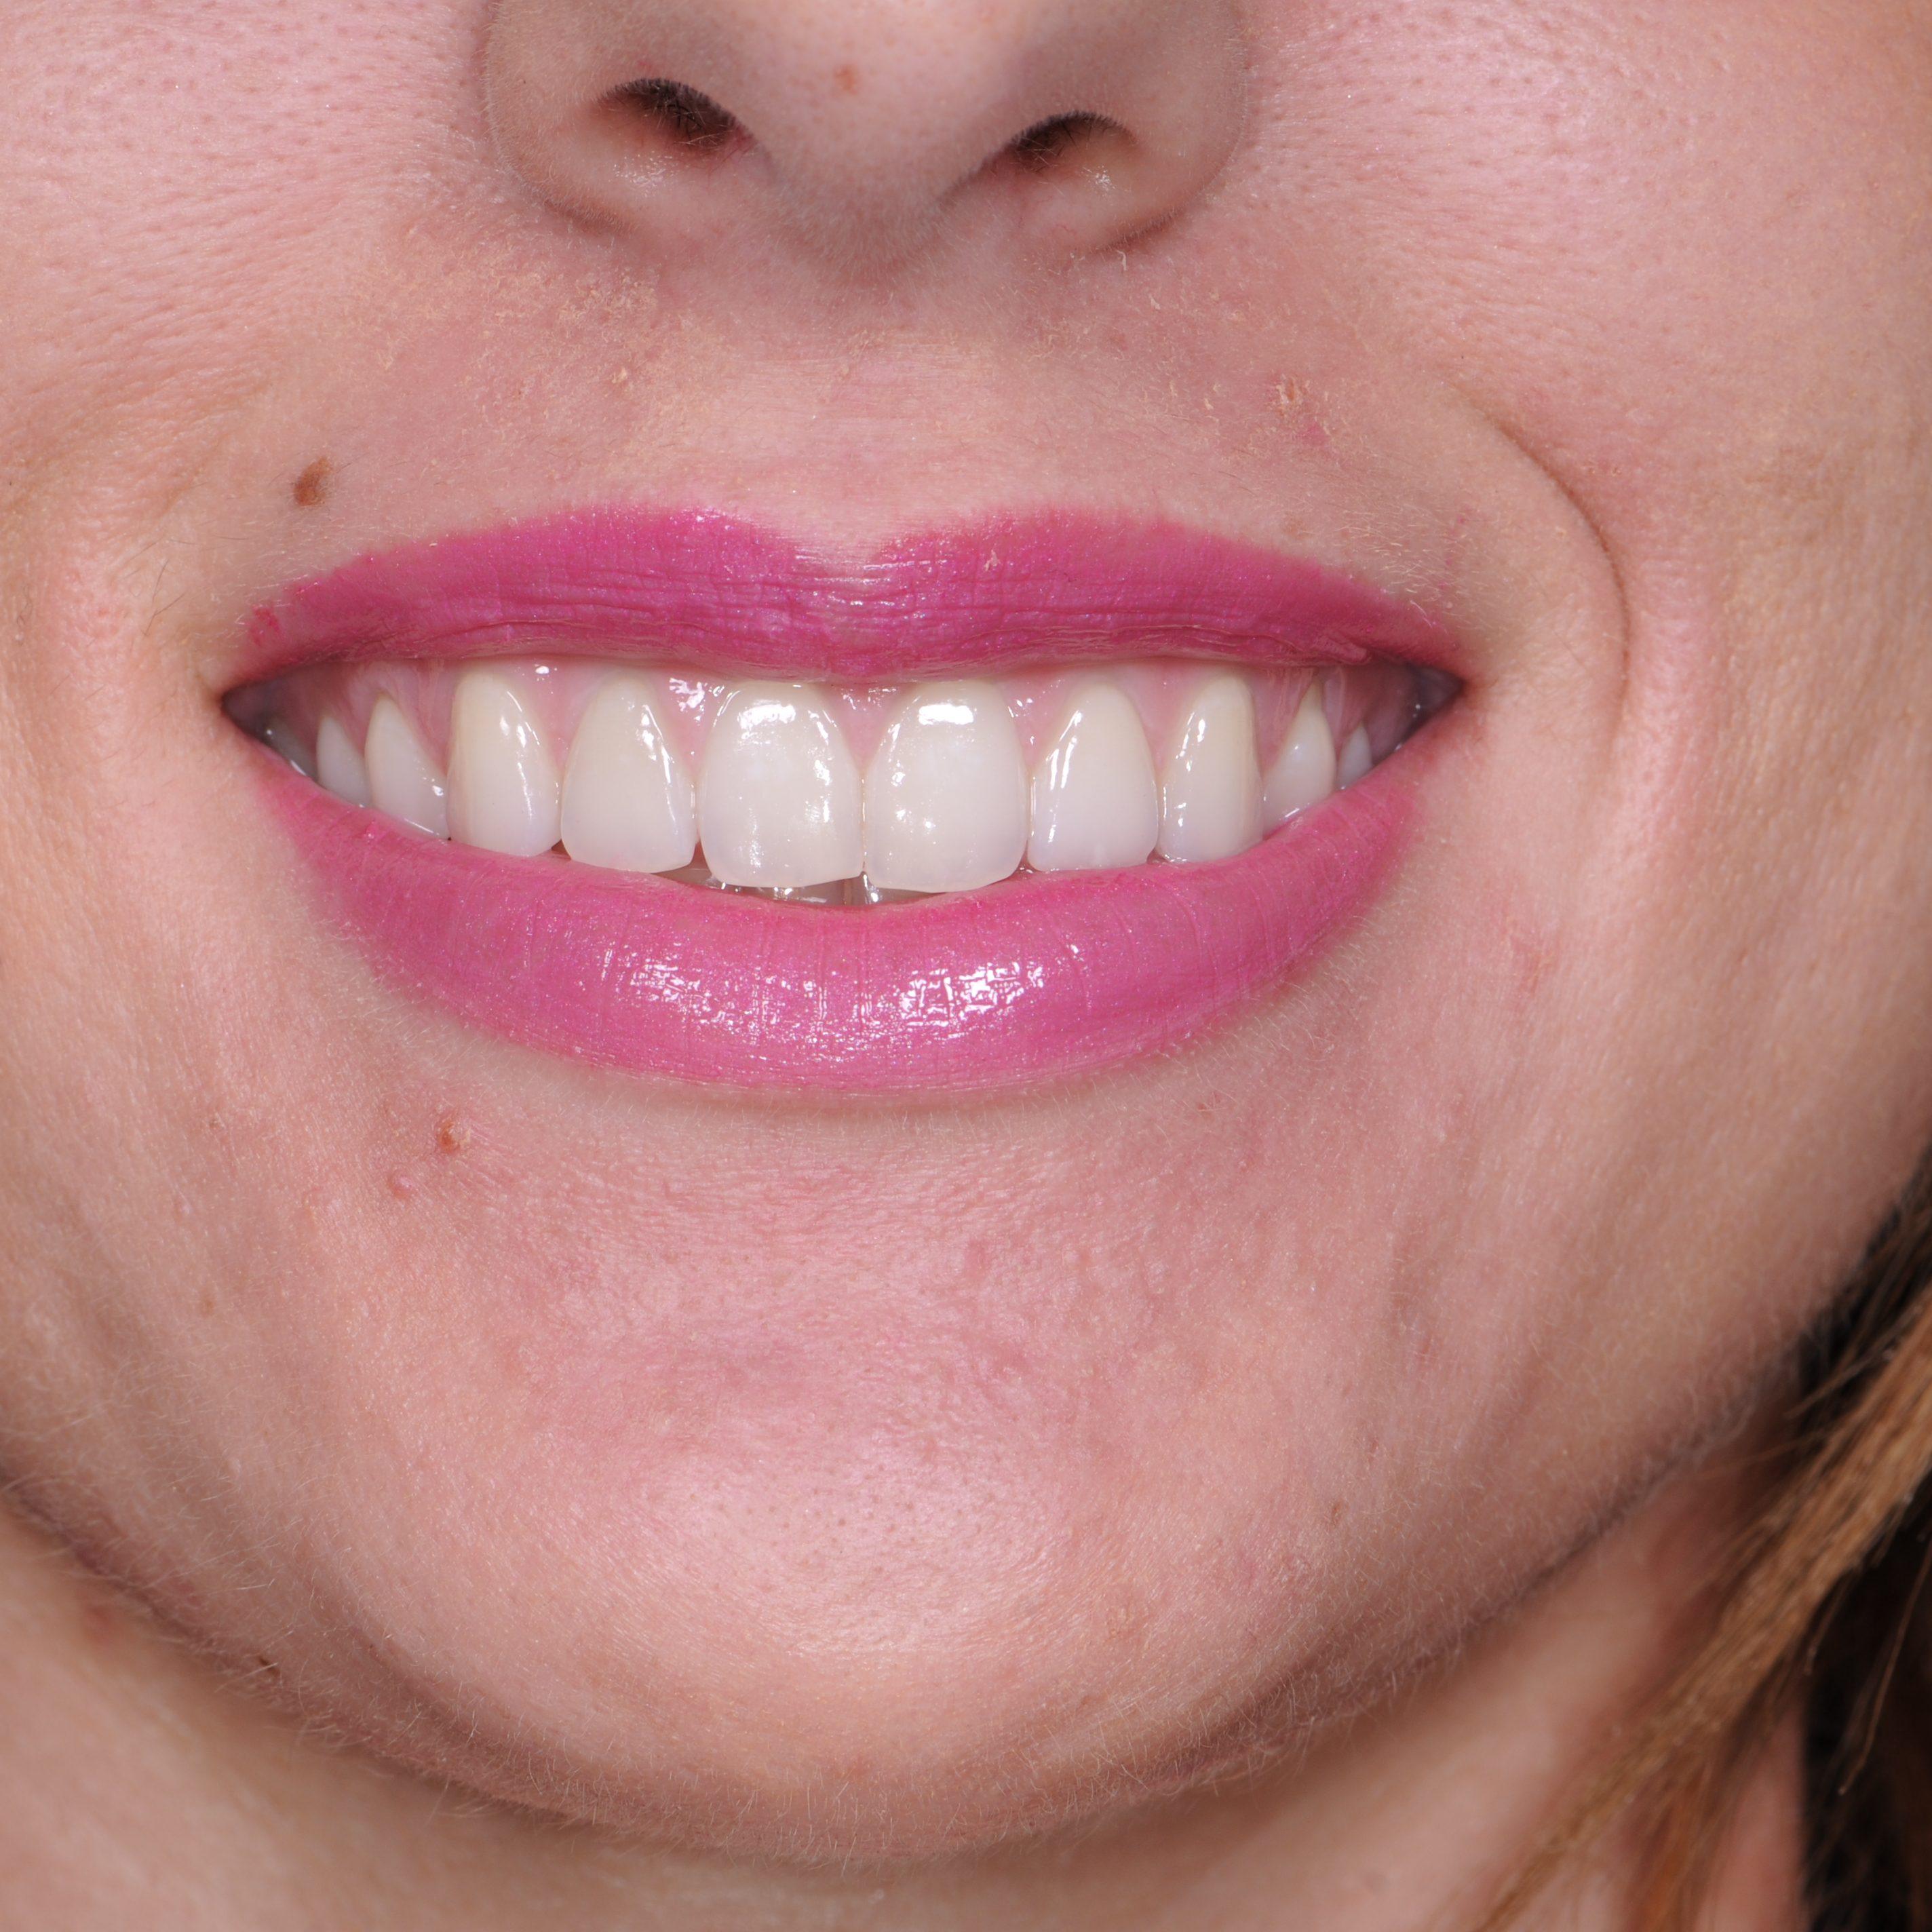 Gummy Smile - After - DentaSpa® 2013 copy